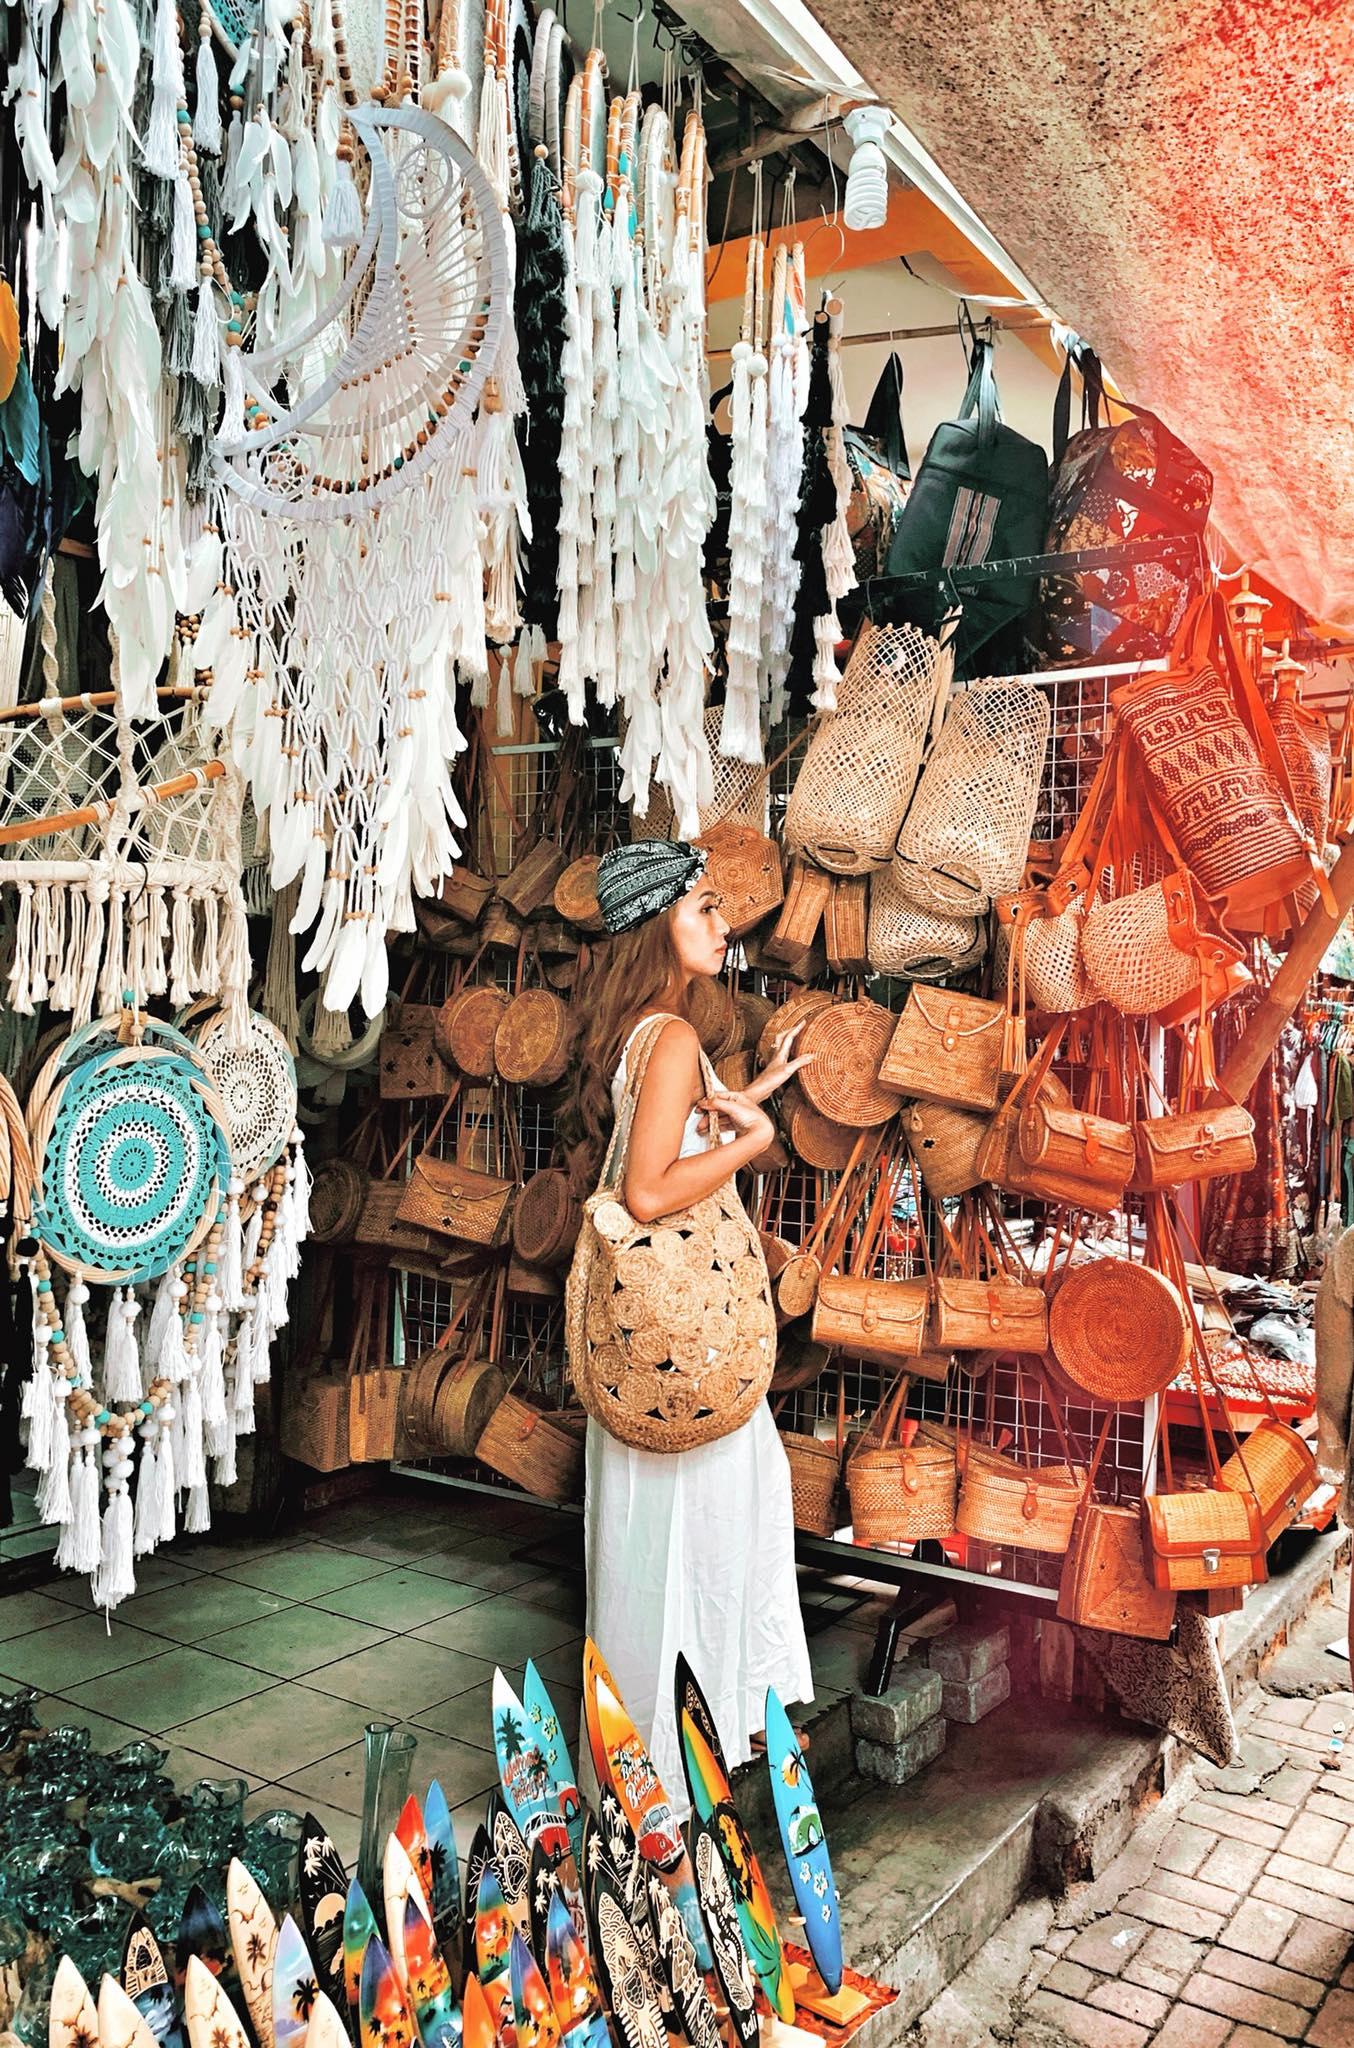 """Chợ nghệ thuật địa phương Ubud nổi tiếng là thiên đường đồ Mỹ nghệ đầy sắc màu ở Bali. Khu chợ tọa lạc tại một trong những vị trí đắc địa nhất tại trung tâm Ubud, nằm ngay trên đường Jalan Rây Ubud, cạnh Cung điện Hoàng gia Puri Saren. Khu chợ đóng một vai trò quan trọng trong đời sống xã hội và kinh tế của thị trấn Ubud.  Ở đây mọi người nhớ trả giá nha! Trả cỡ nào cũng dính. Vui nhất khoản này. Mình bị mê mấy em túi cói, dreamcatcher và đặc biệt là những """"con kiu"""" gỗ trang trí làm móc khoá, đồ khui bia cực chất!"""